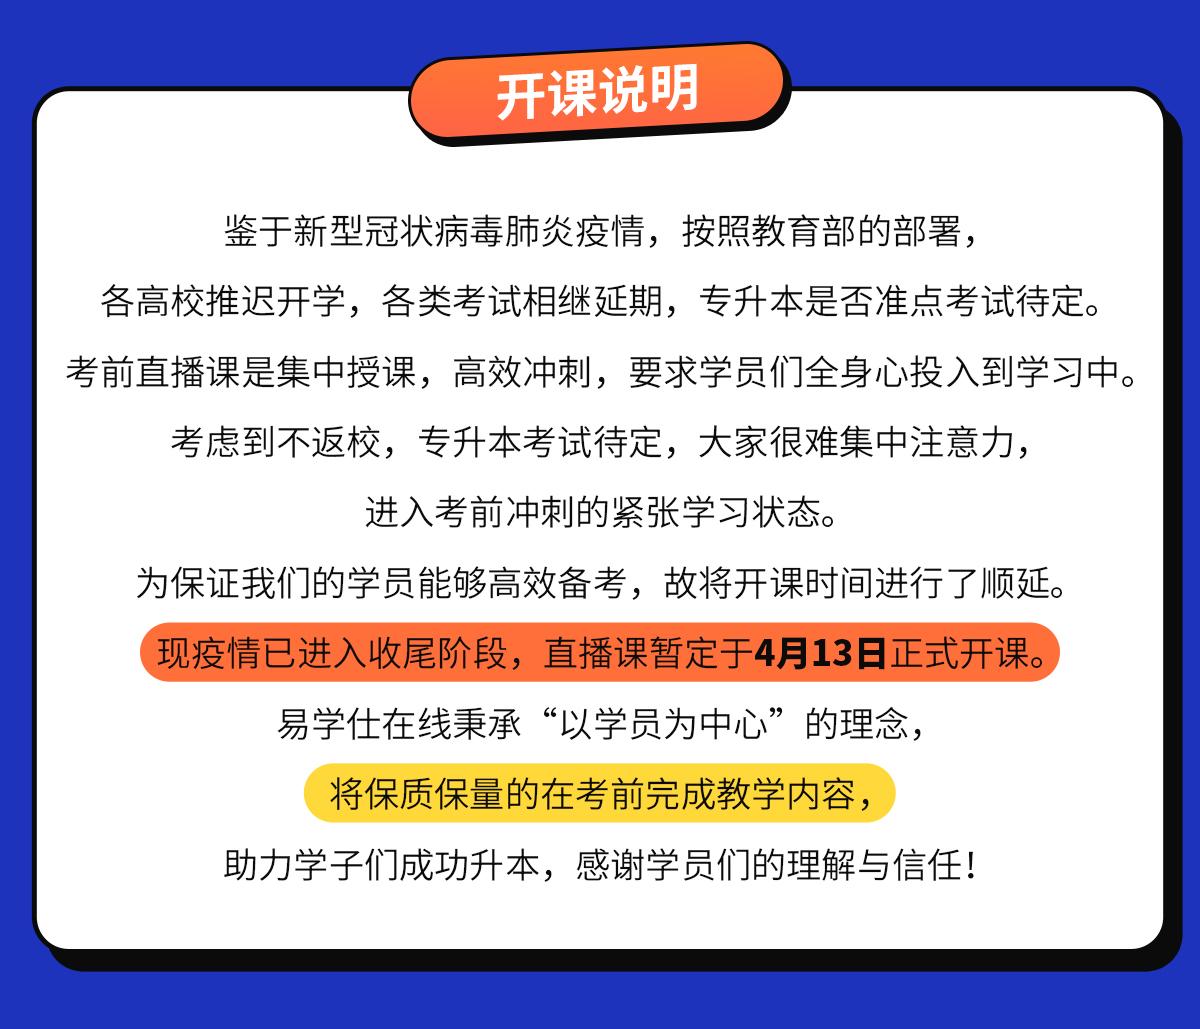 云南直播课开课说明.jpg